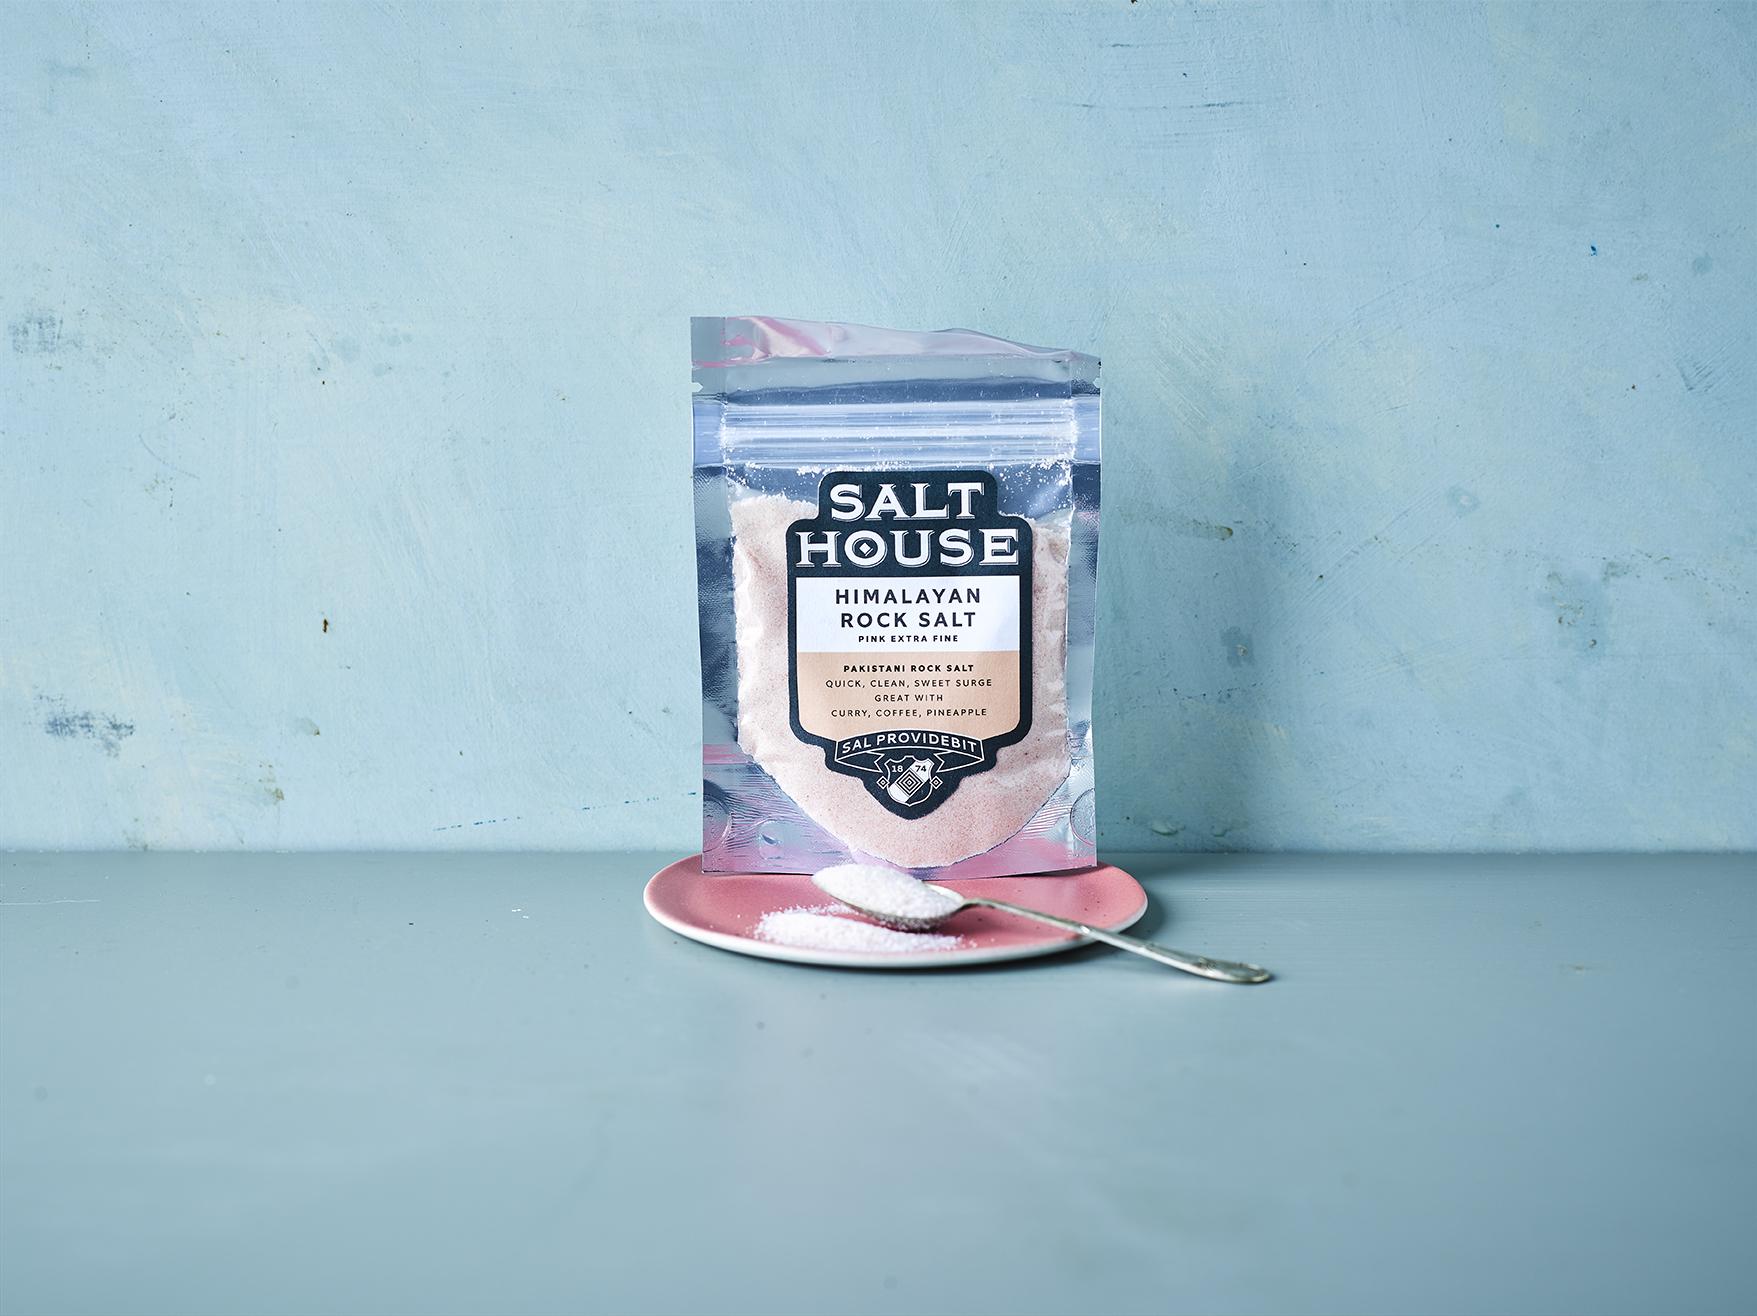 salthouse himalayan rock salt